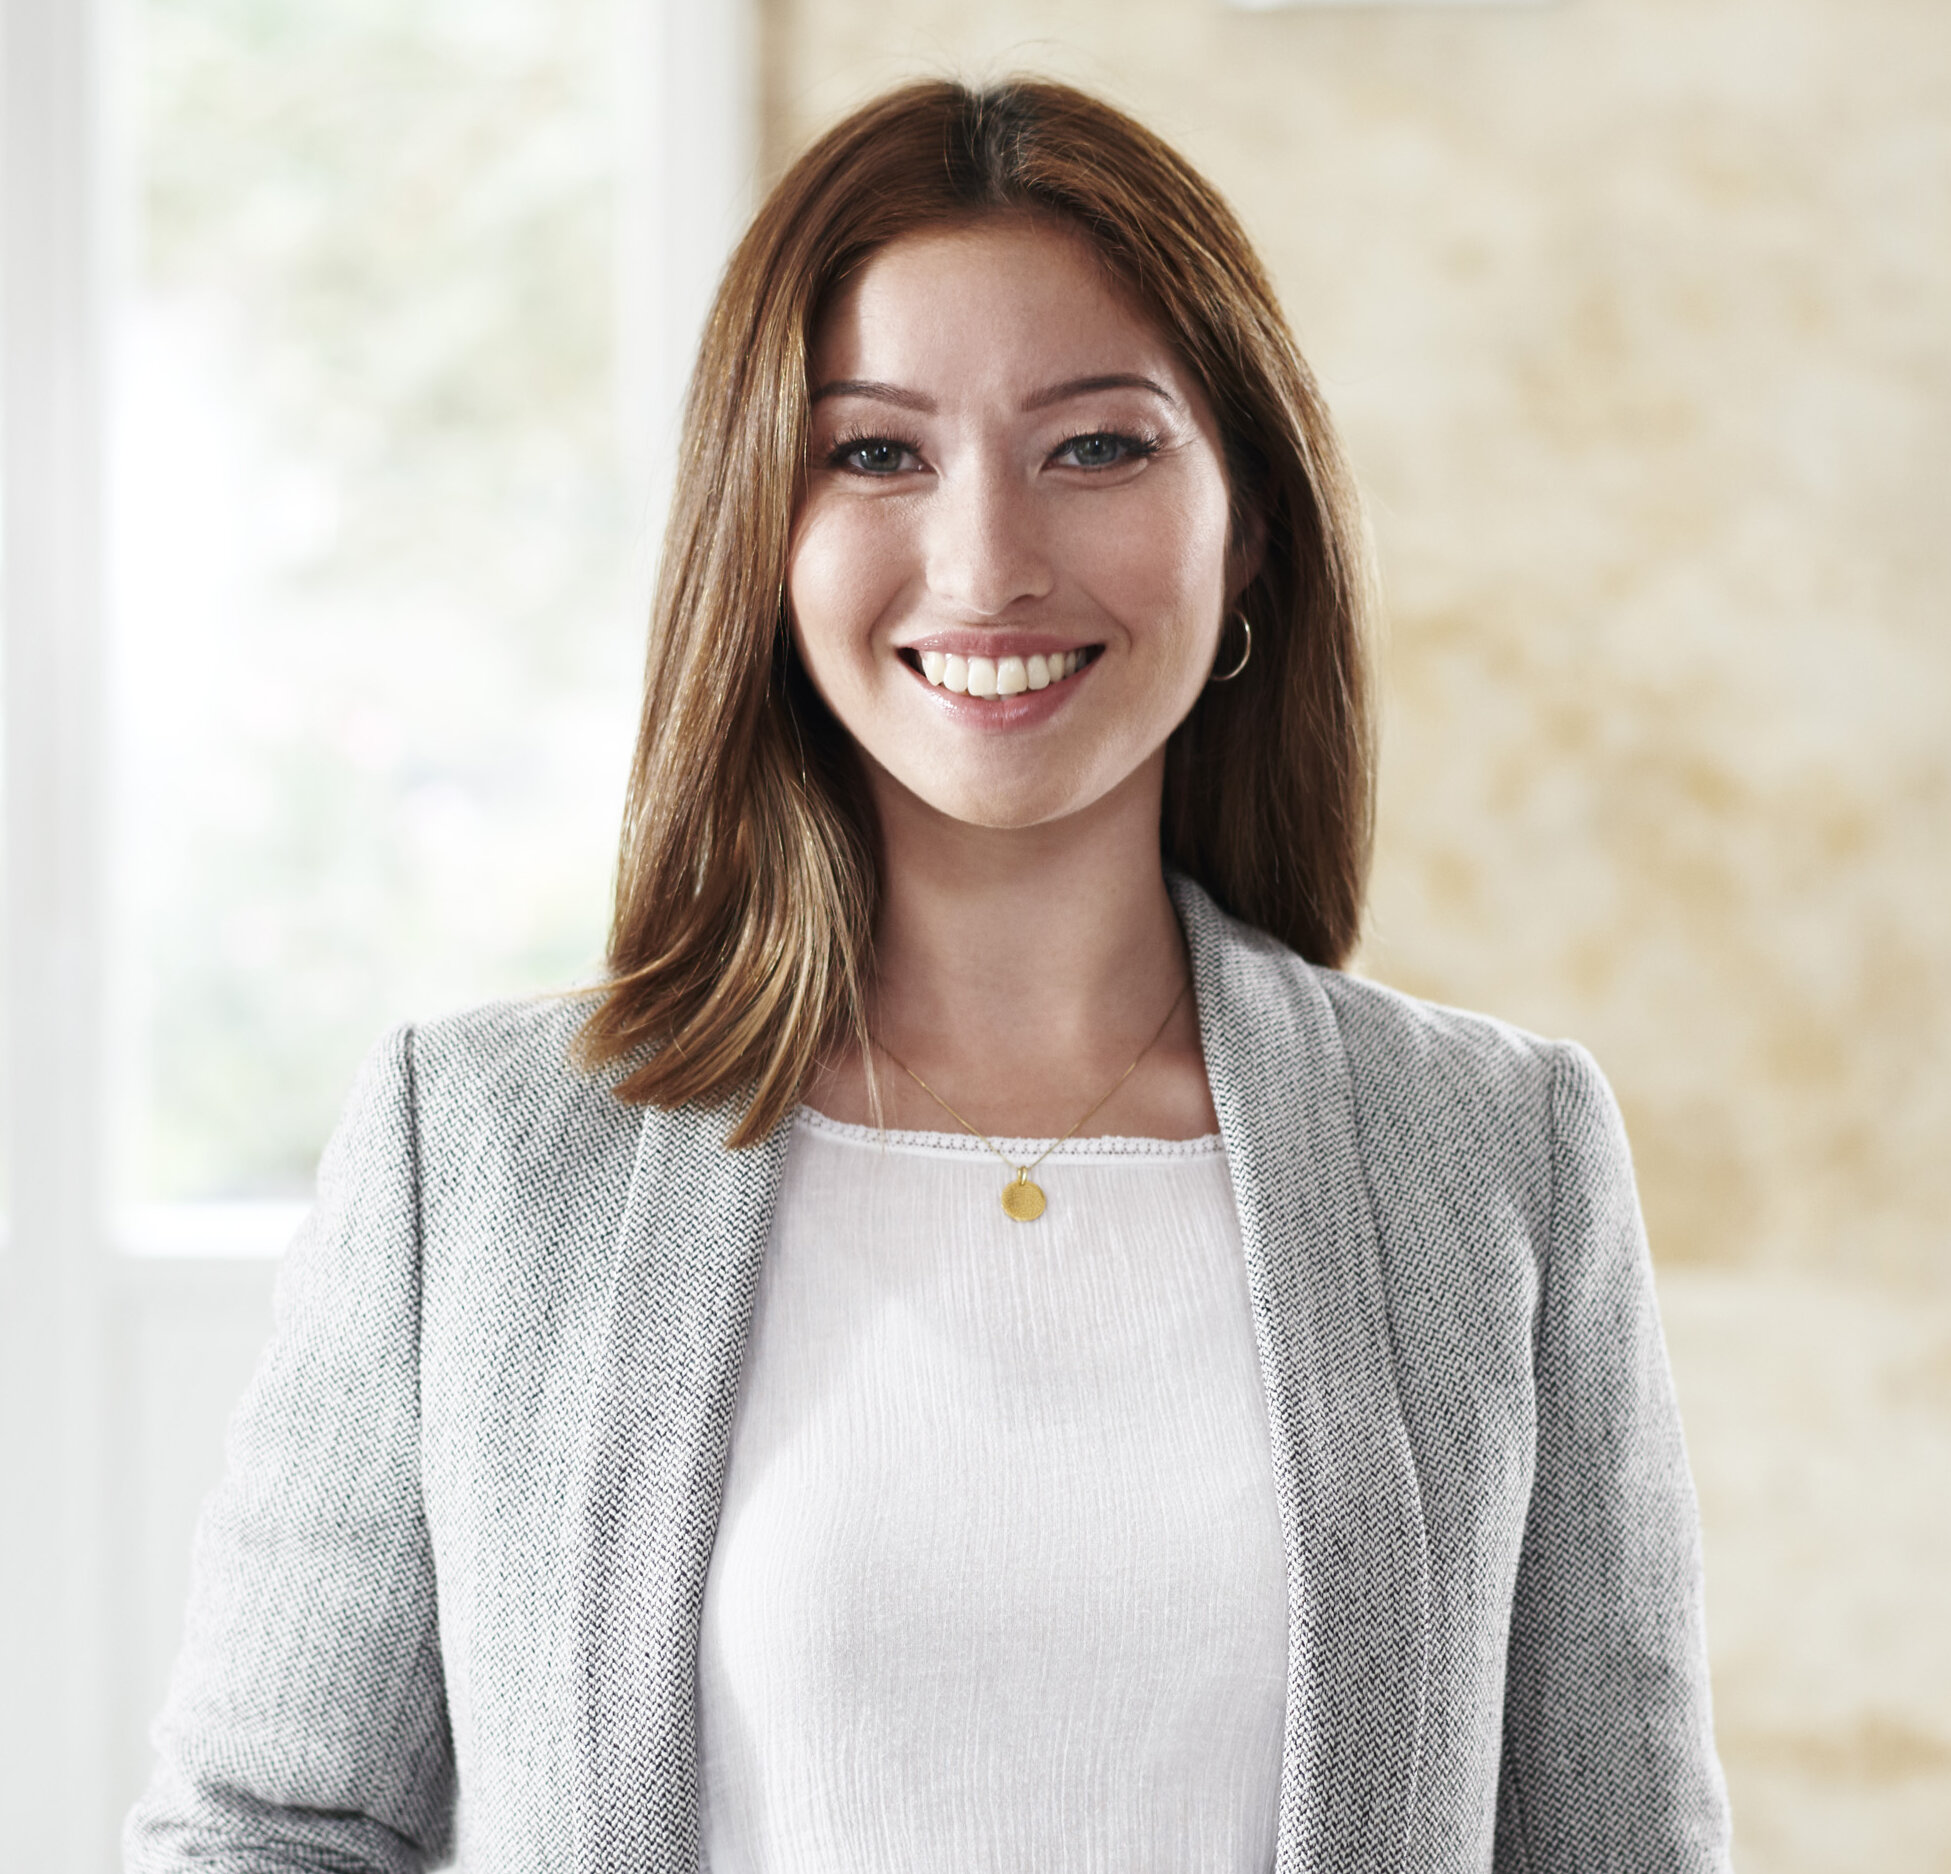 Lena Janovics